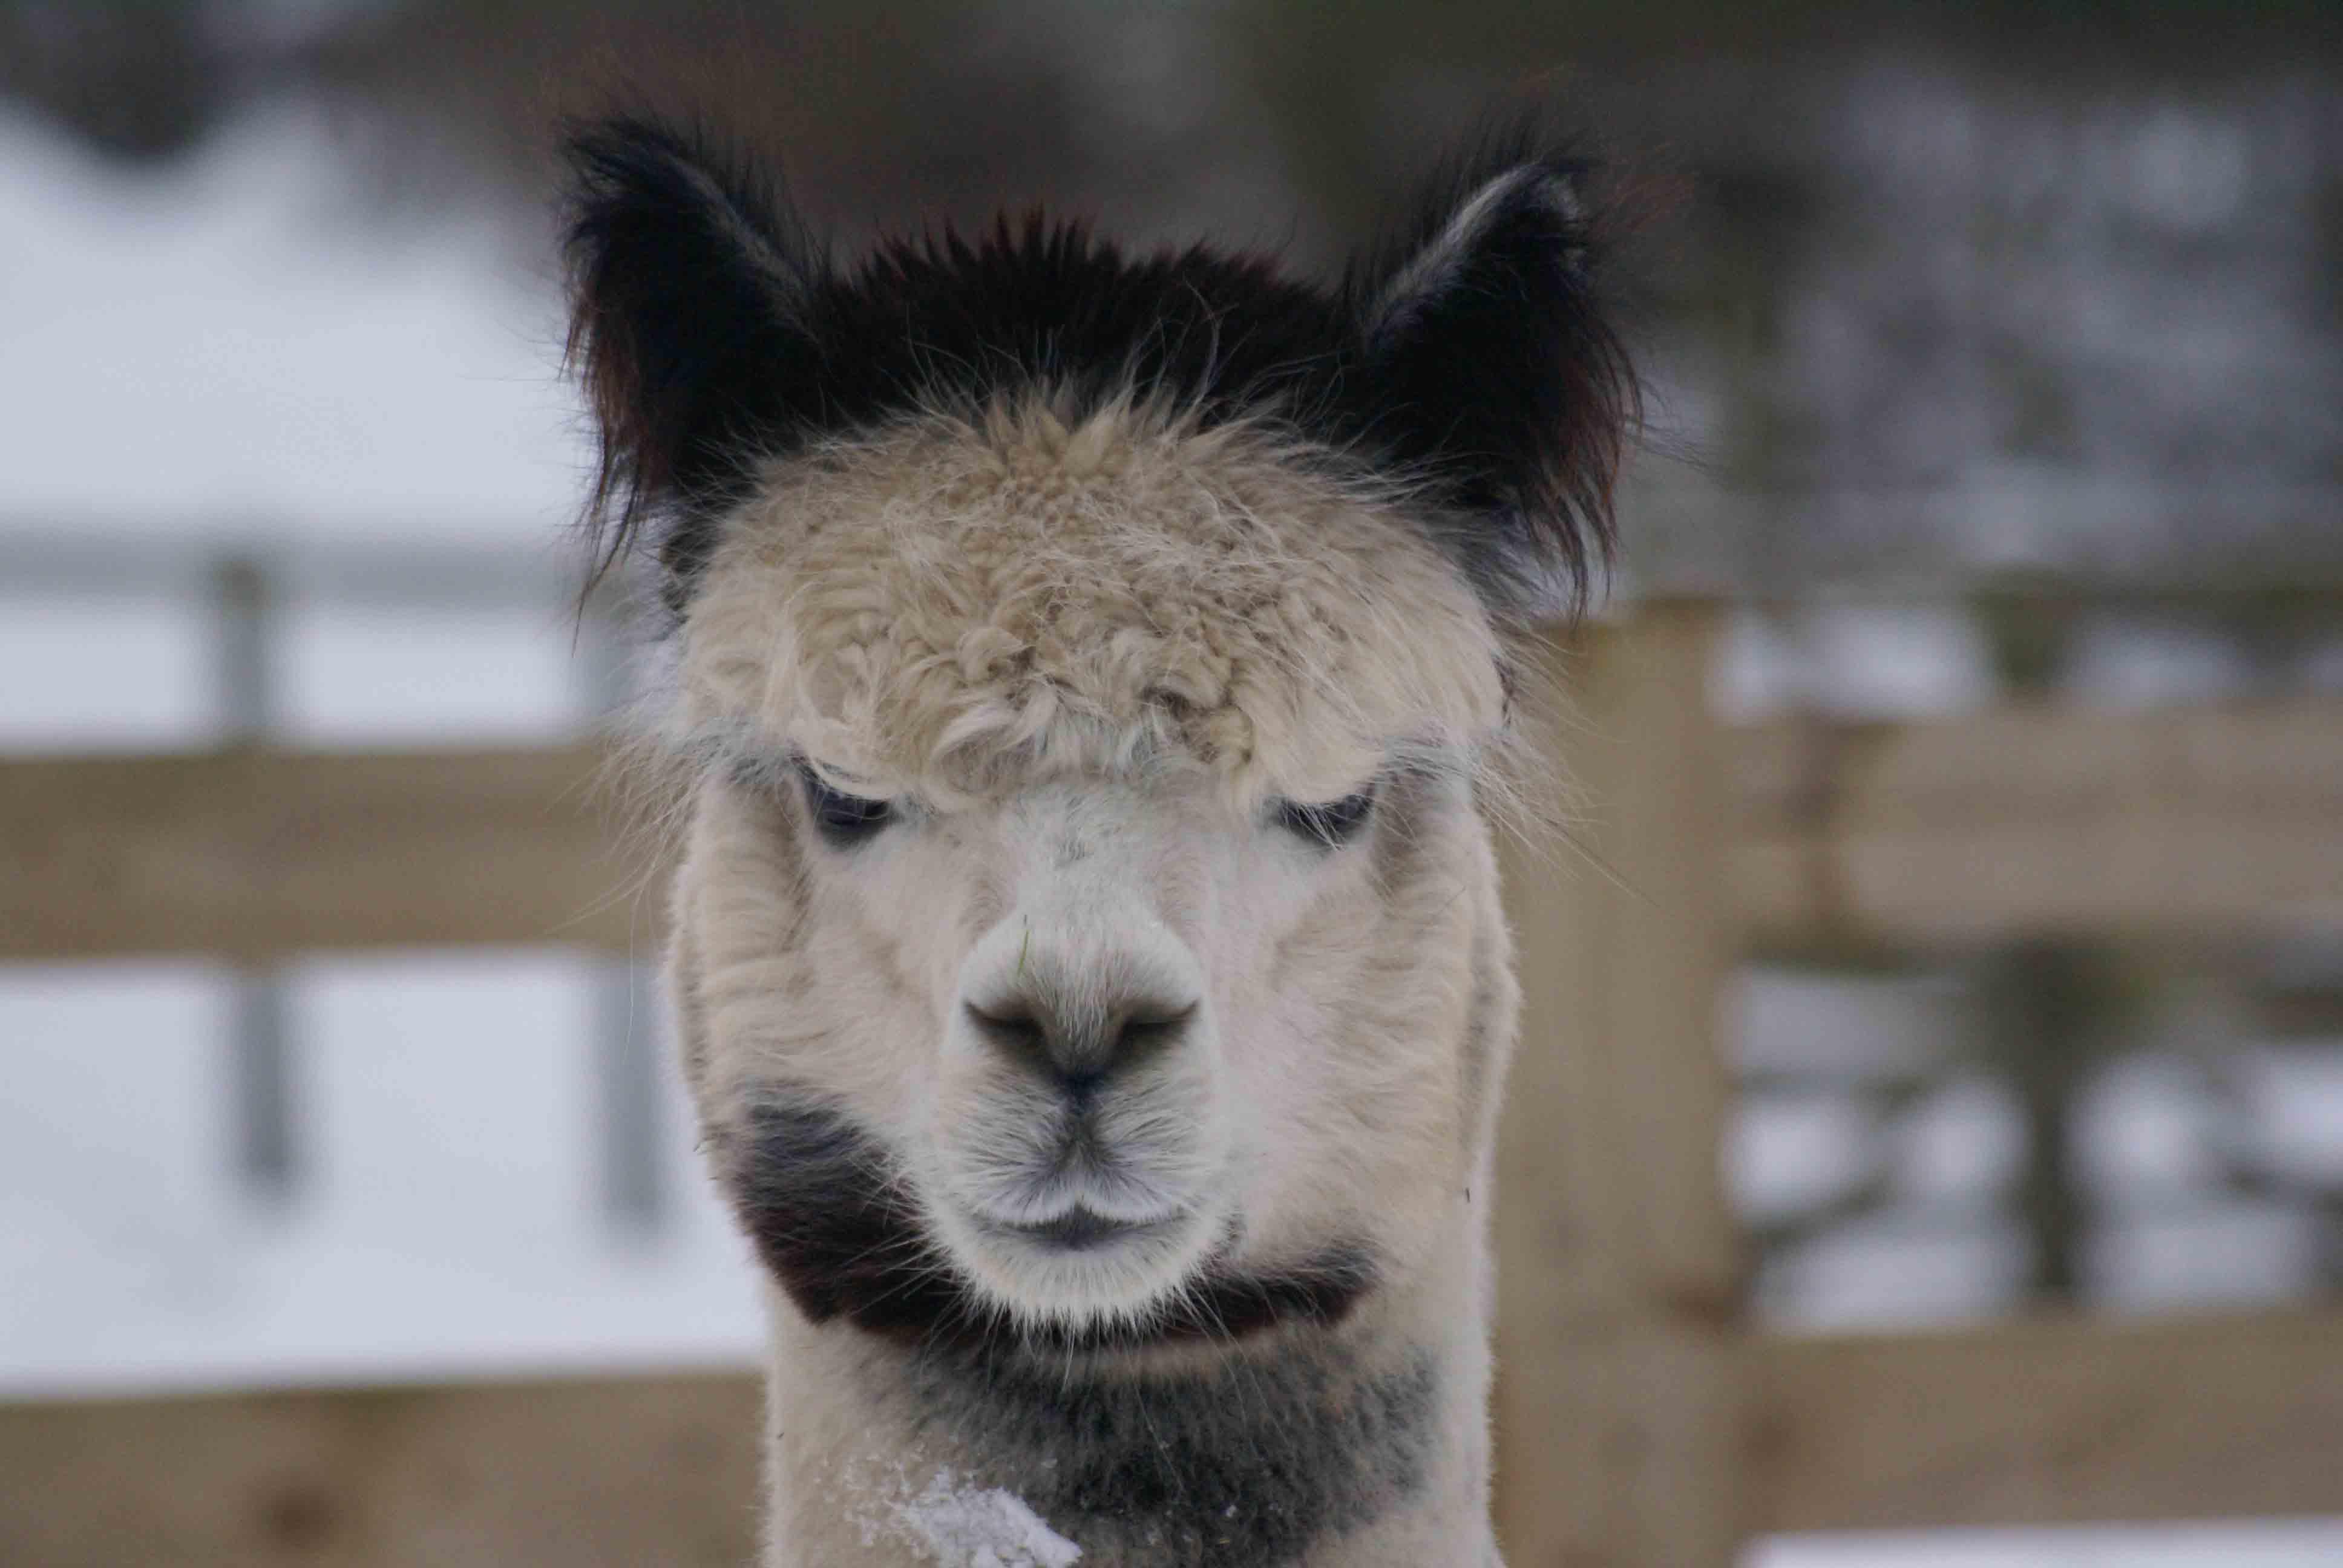 Adopt an alpaca such as gunsmith